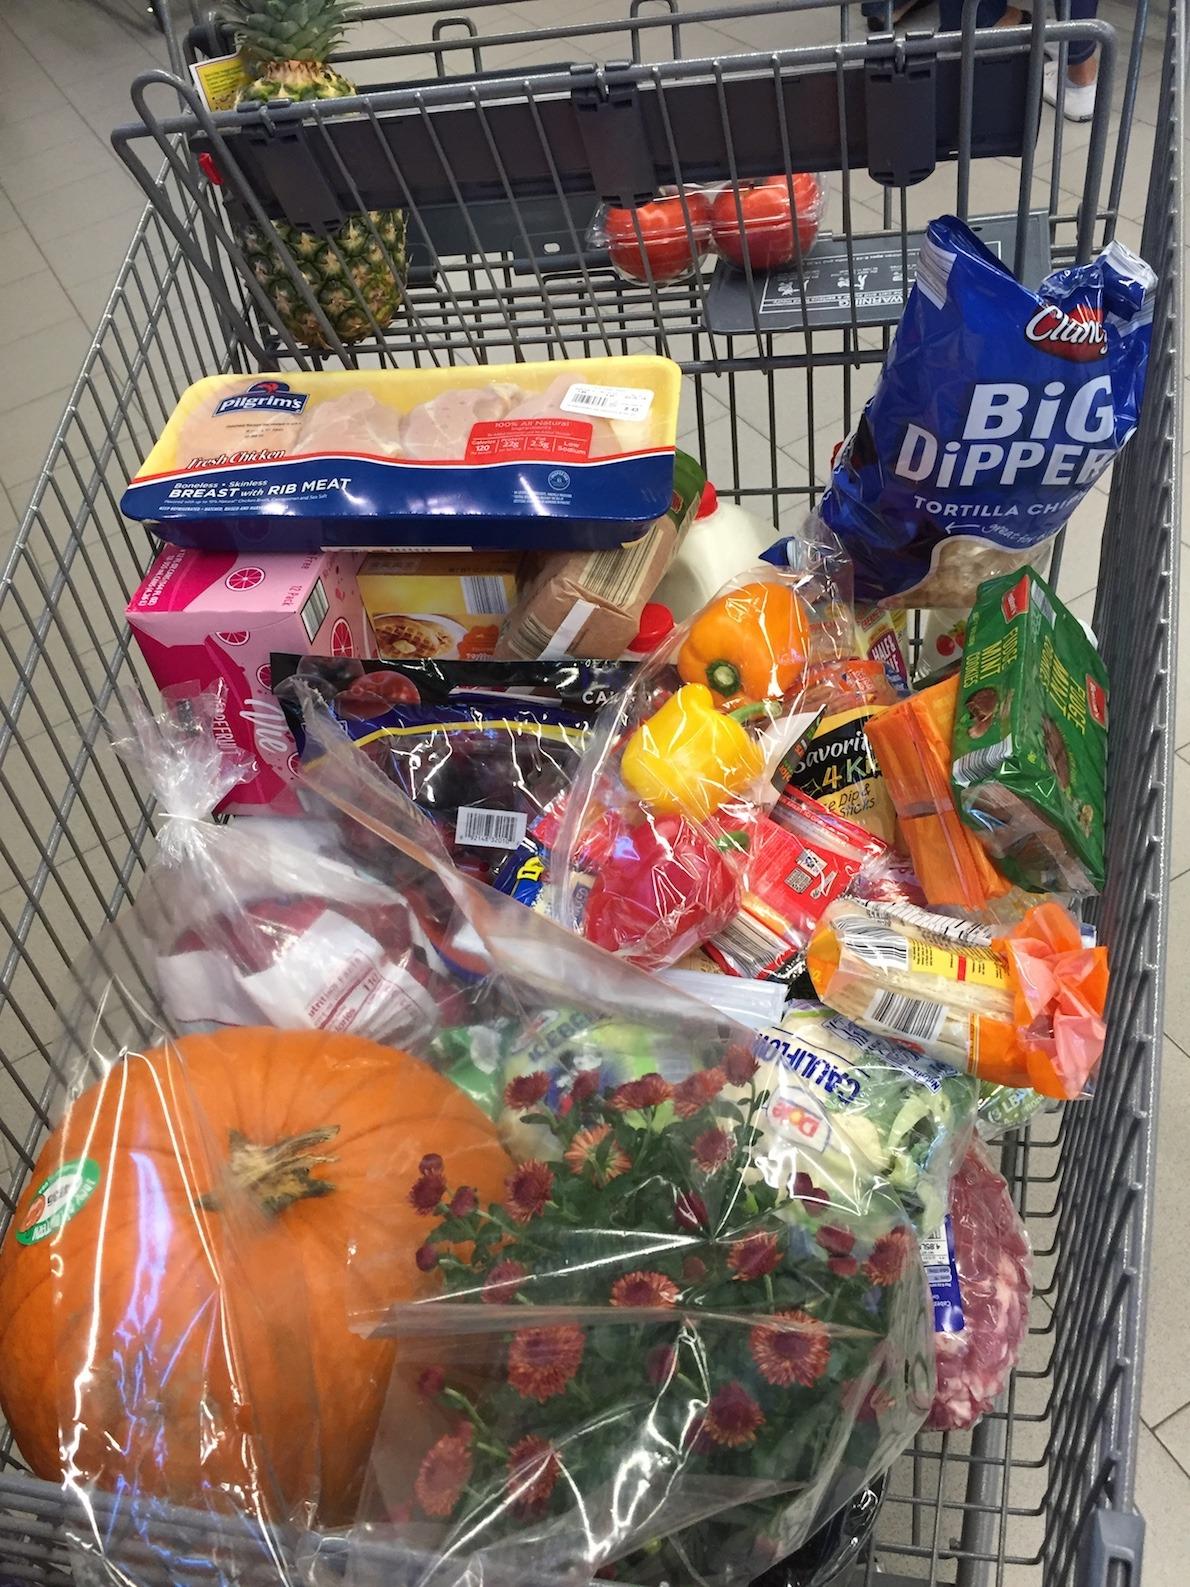 Aldi groceries www.thethreeyearexperiment.com